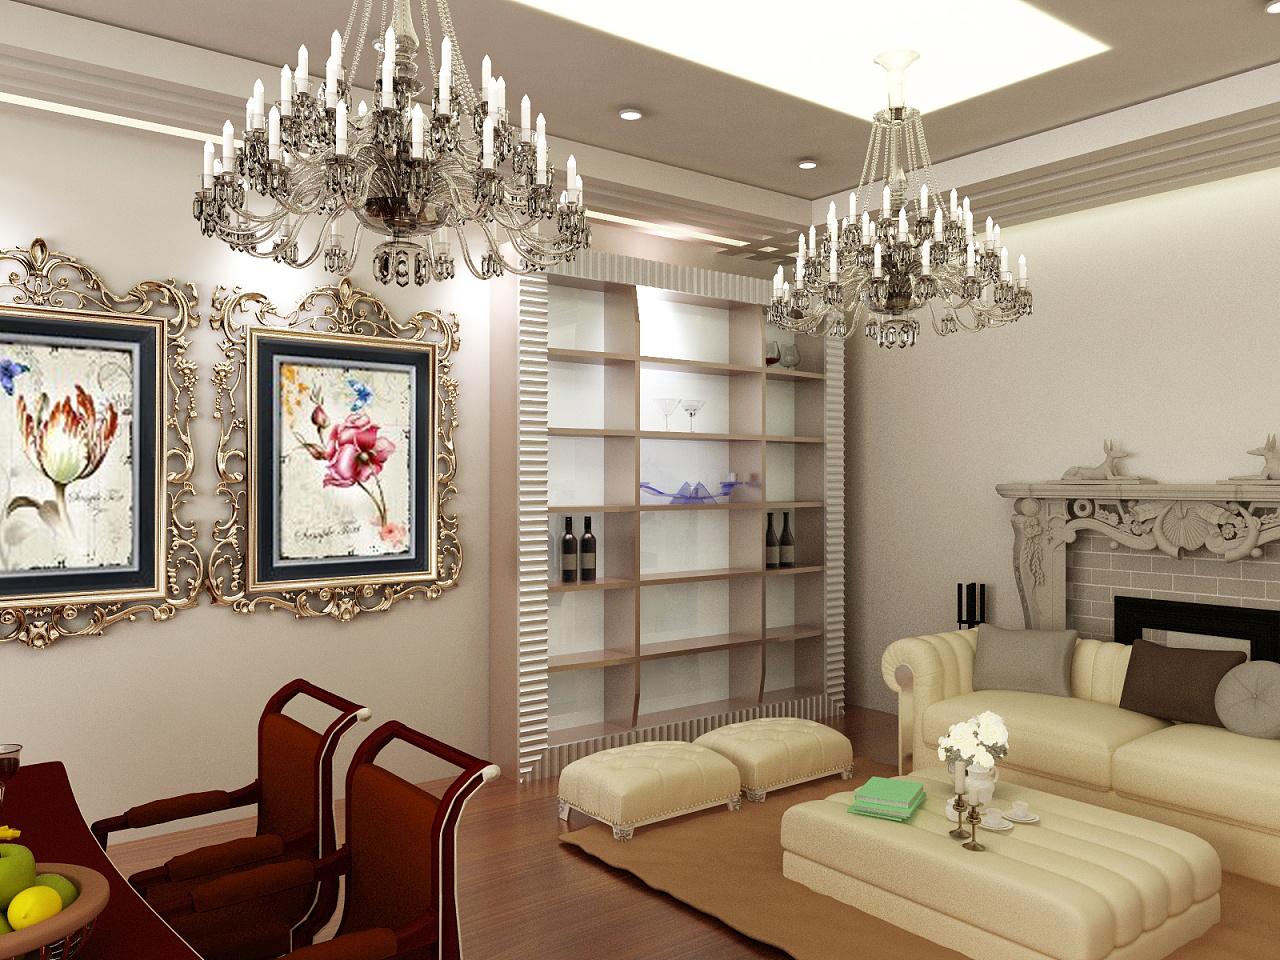 室内设计作品图片